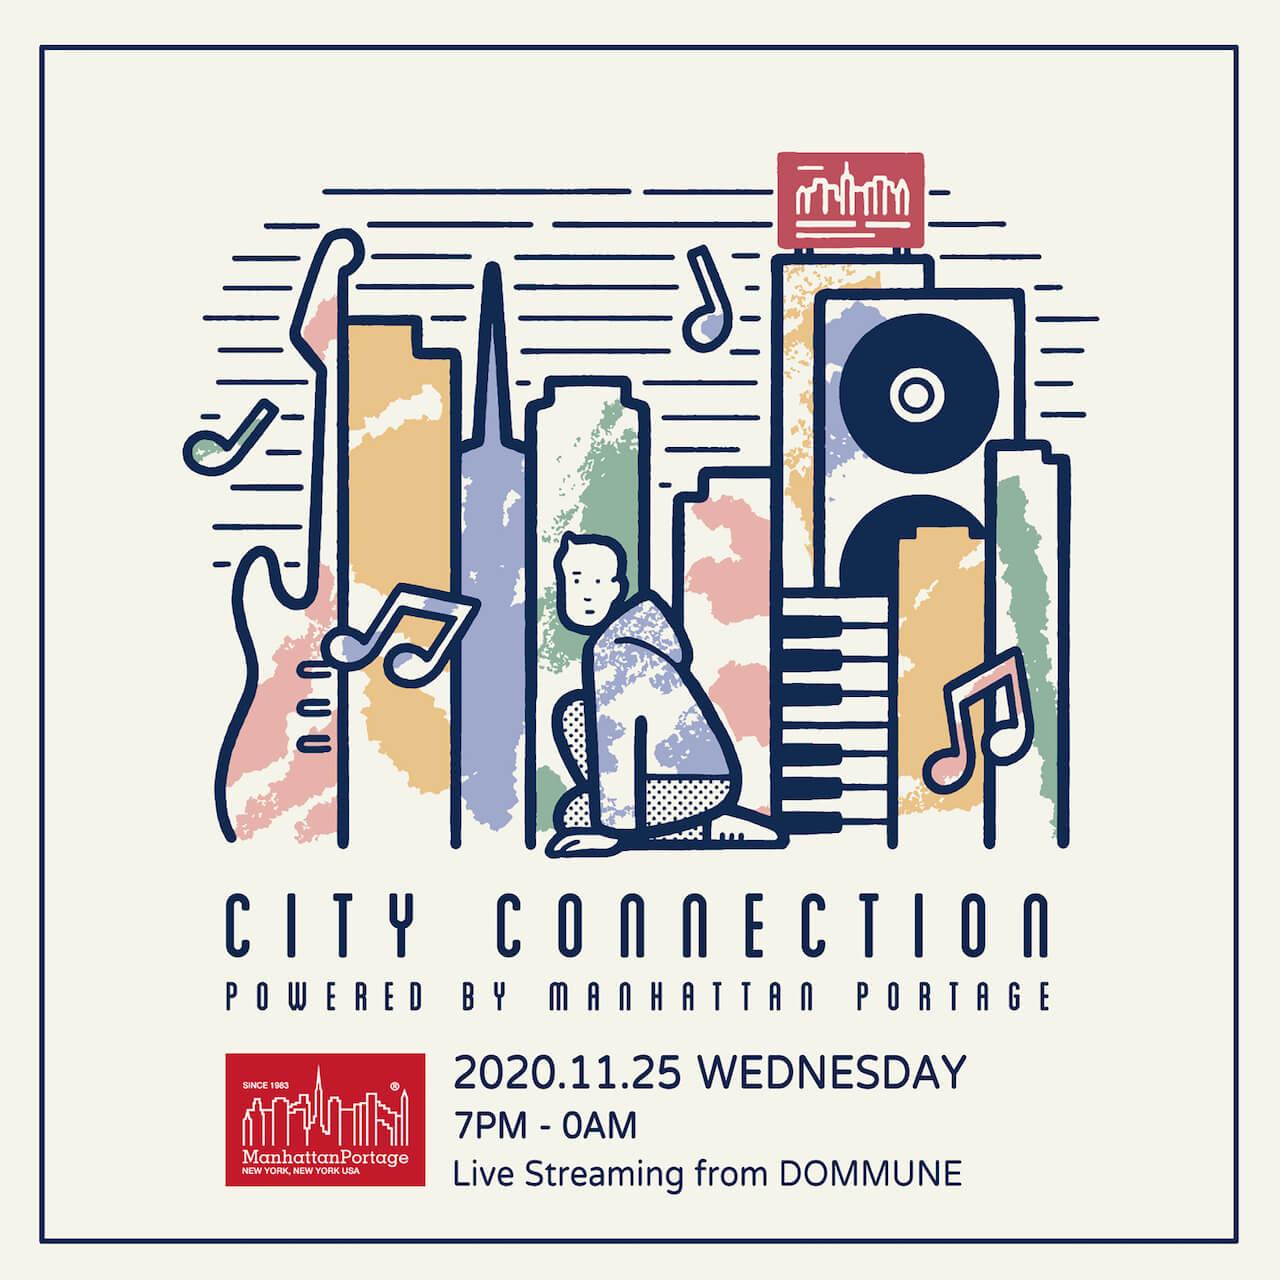 Manhattan Portageによる都市型音楽プロジェクト<City Connection>が本日DOMMUNEで5時間まるごと生配信!Ovall、環ROYら6組が登場 music201125-city-connection-2